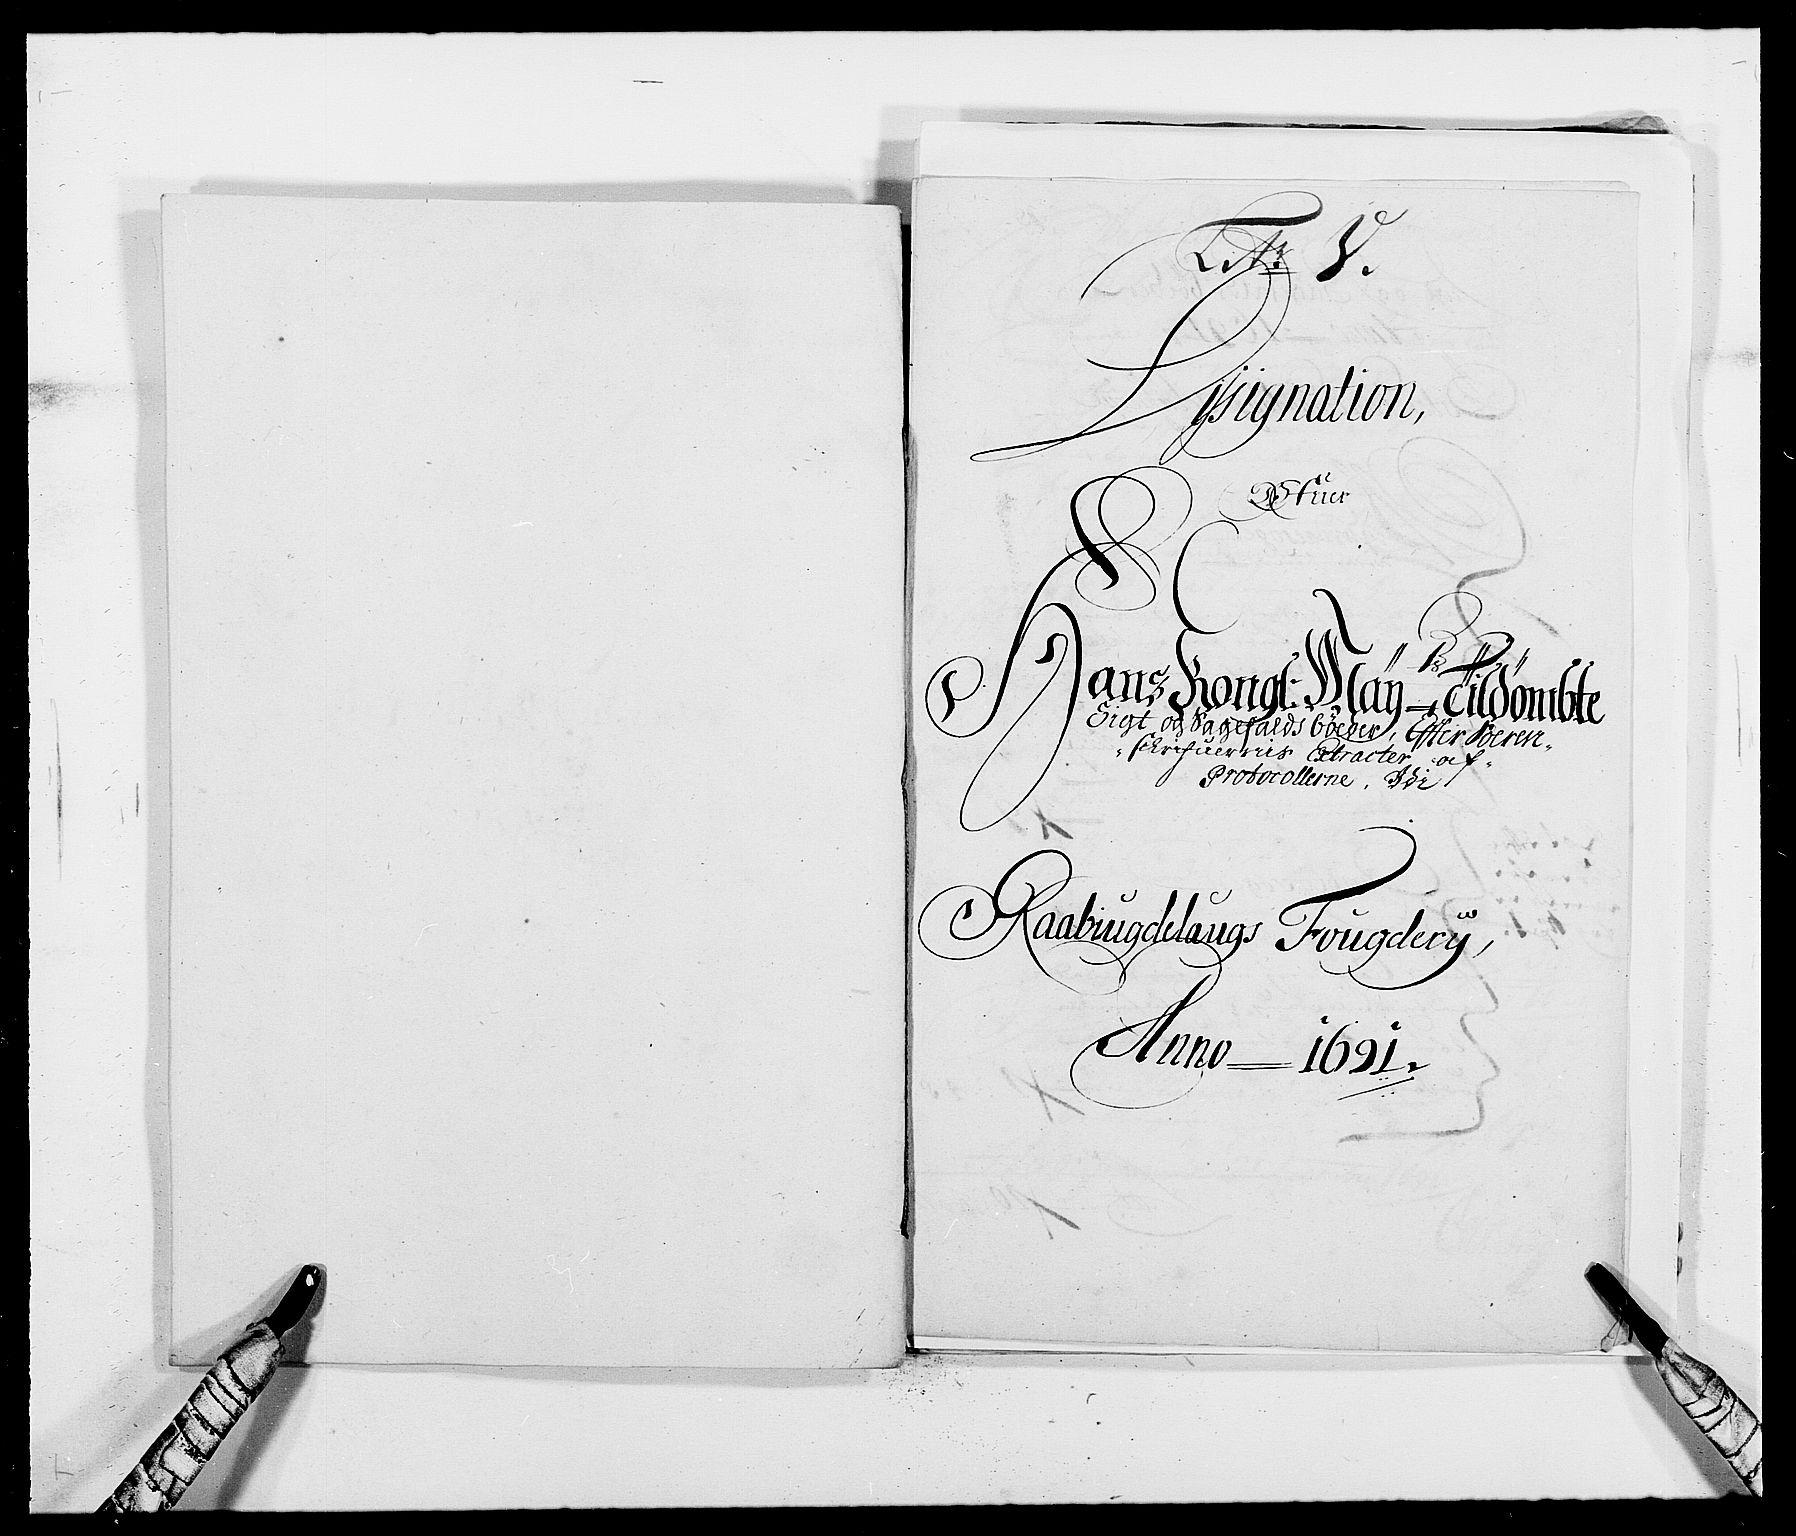 RA, Rentekammeret inntil 1814, Reviderte regnskaper, Fogderegnskap, R40/L2443: Fogderegnskap Råbyggelag, 1691-1692, s. 27